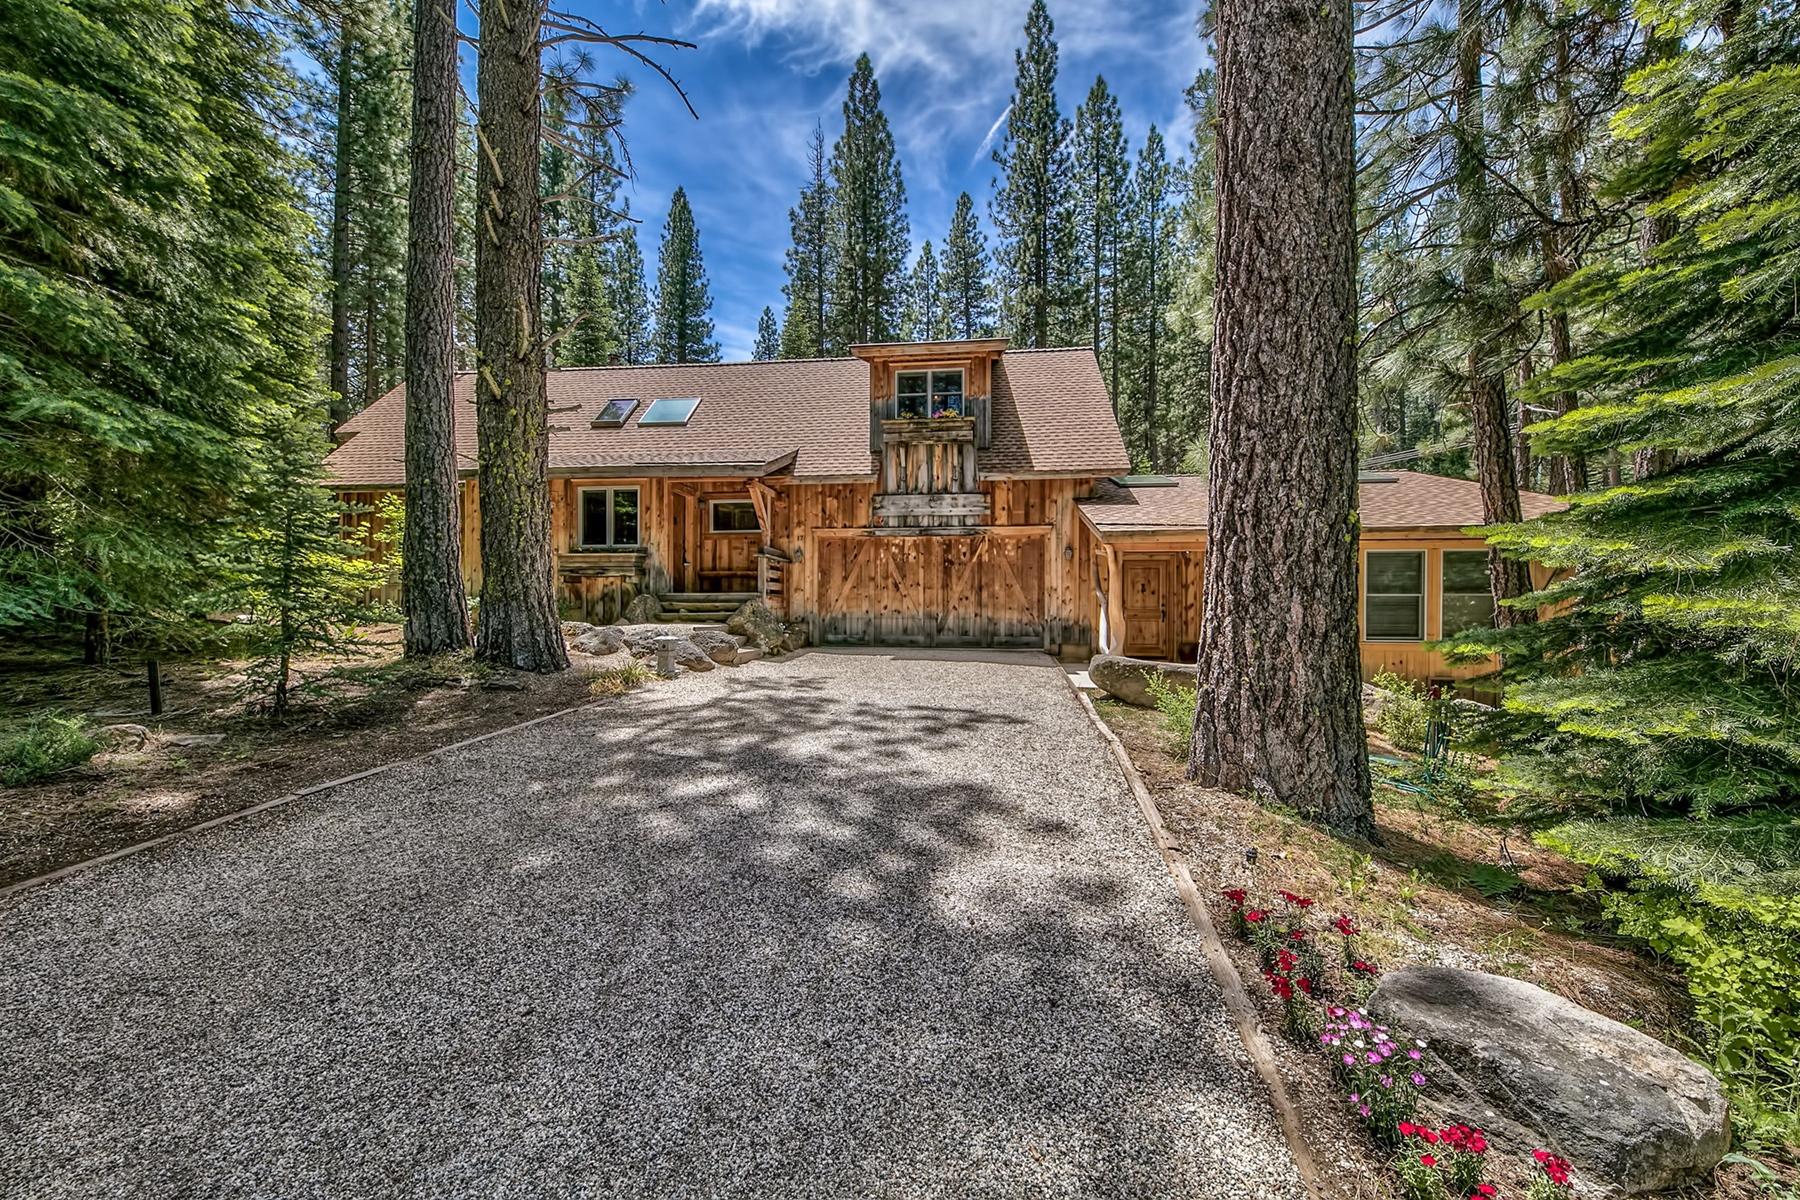 独户住宅 为 销售 在 17 Apache Trail, Graeagle, CA 17 Apache Trail Graeagle, 加利福尼亚州 96103 美国